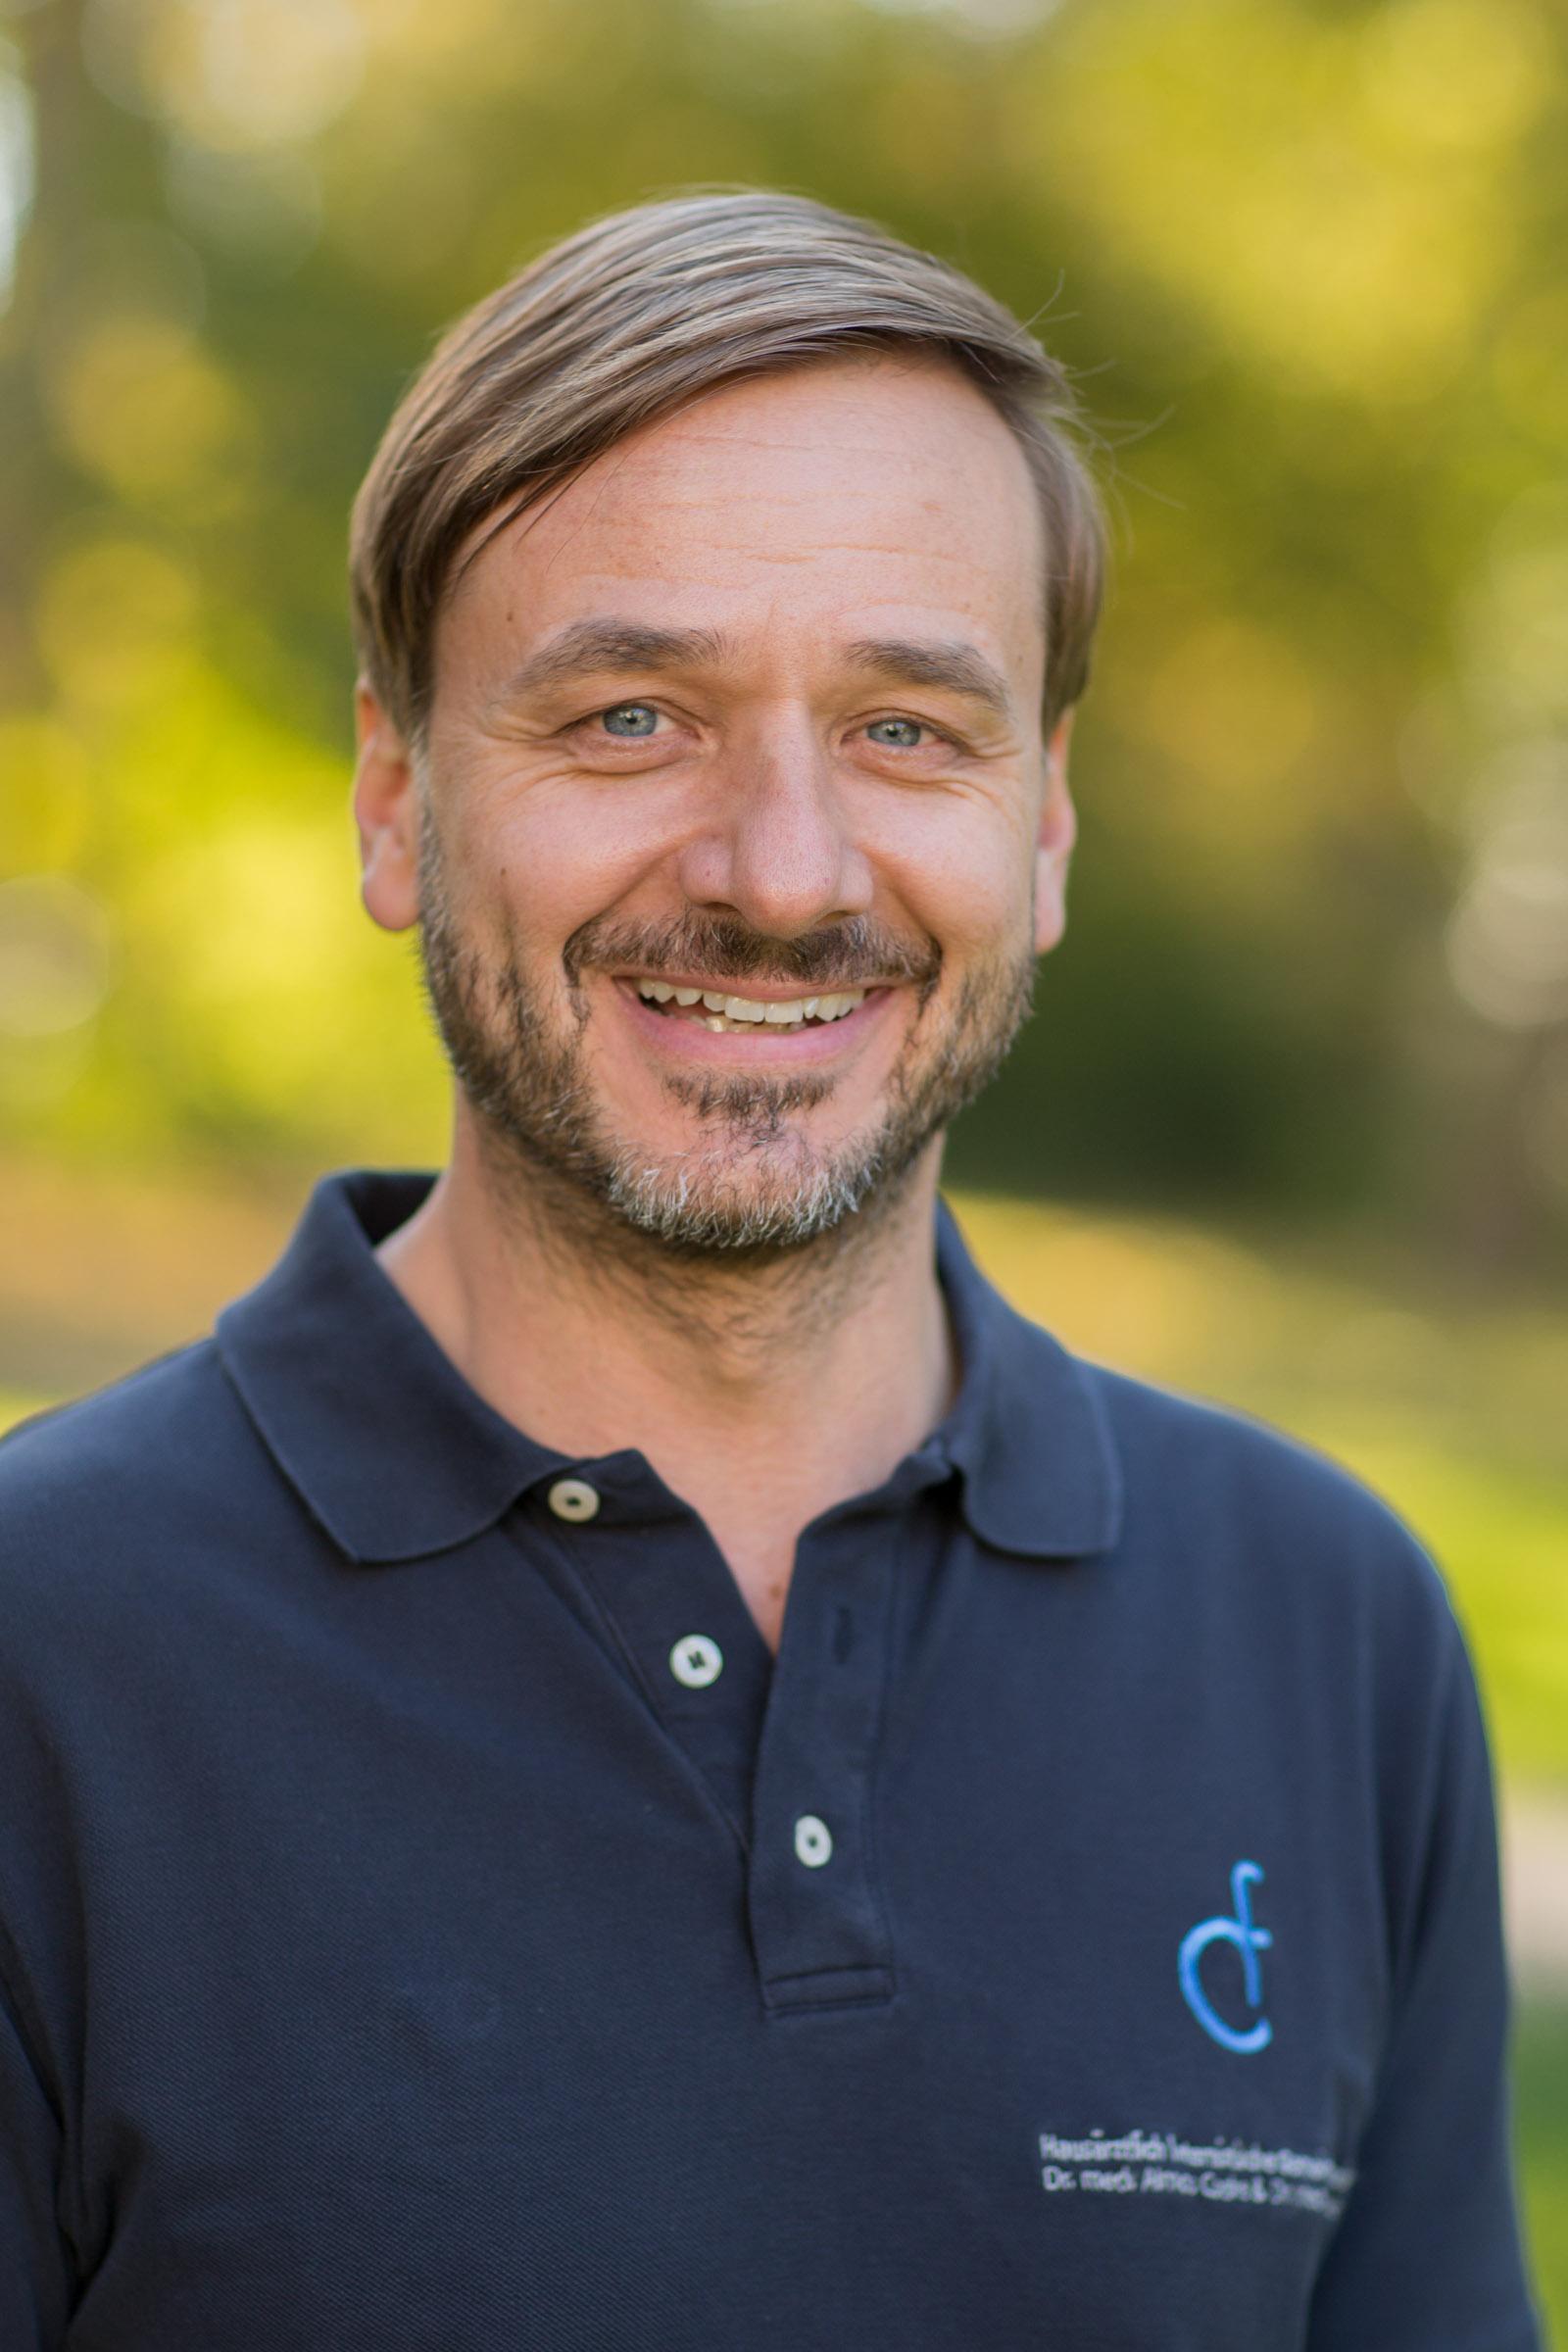 Logo der Dr. med. Georg Friese